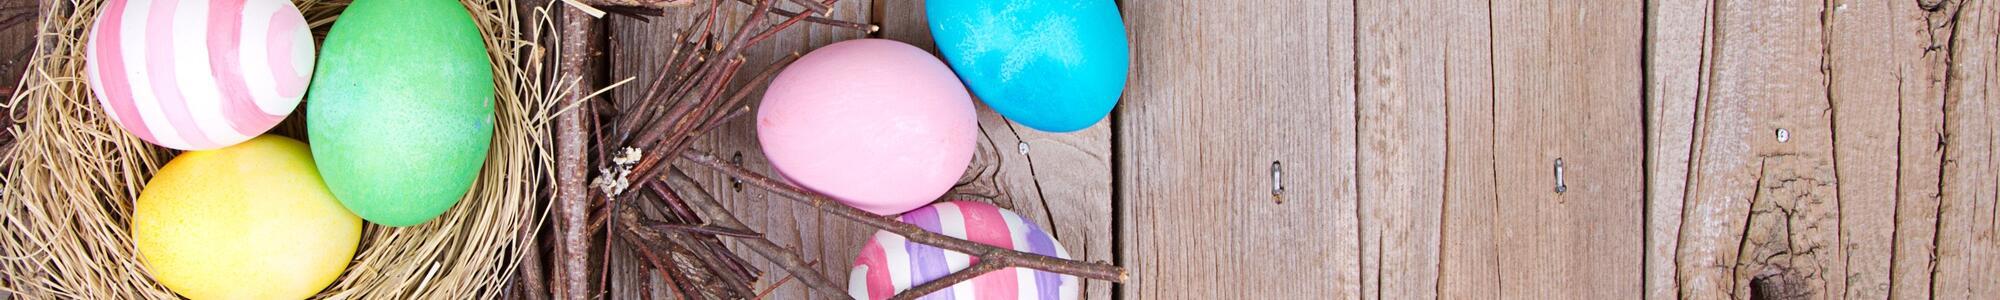 Vacanze di Pasqua per famiglie con bimbi 0-5 anni gratis